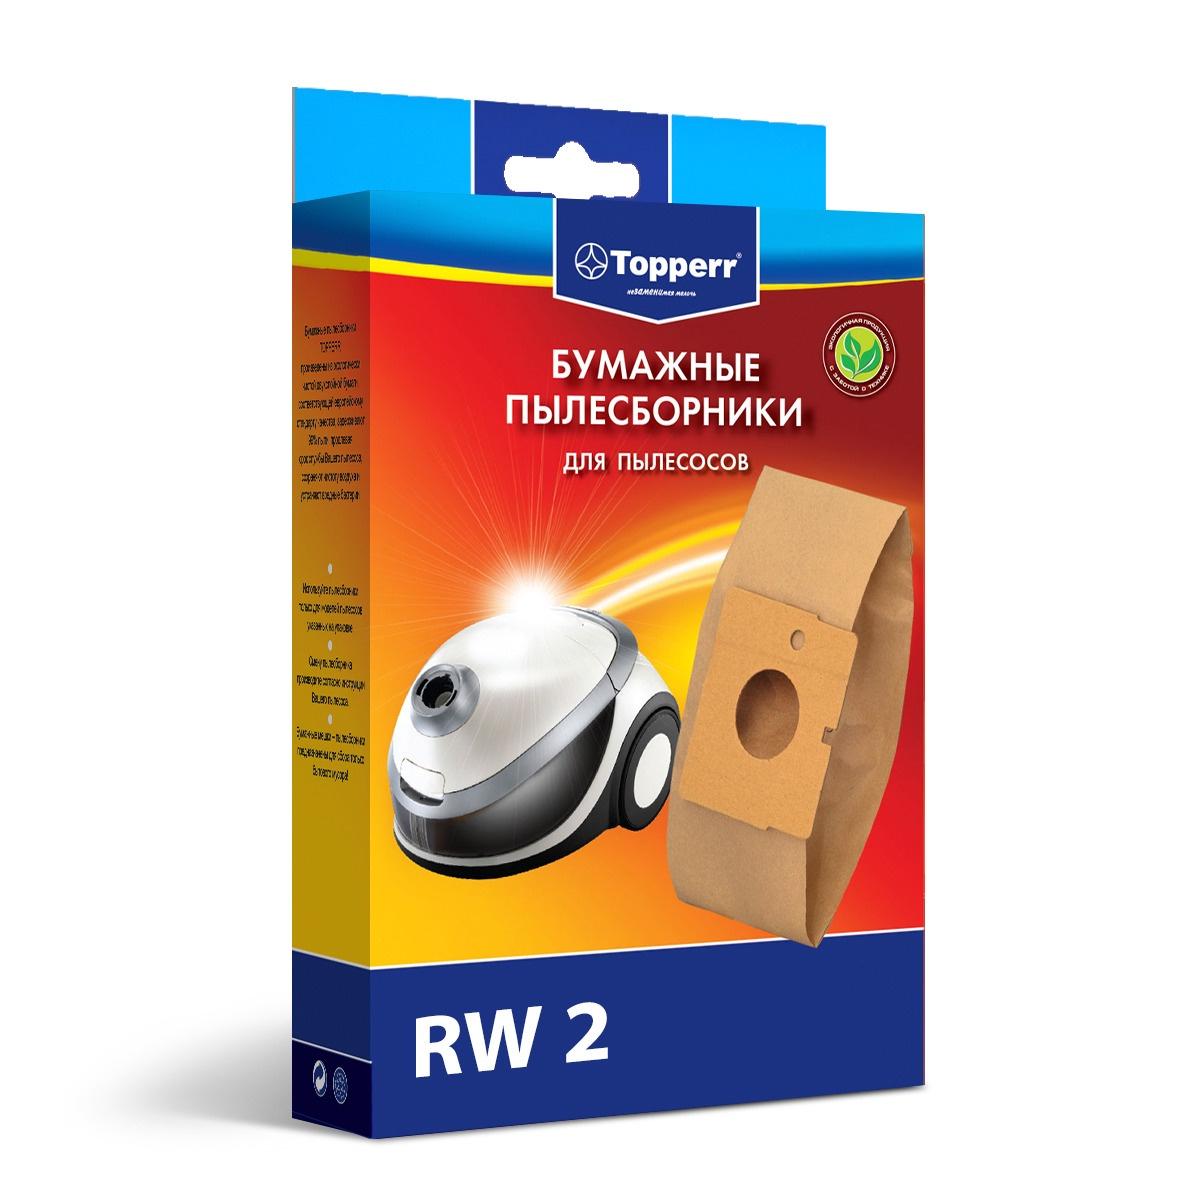 Пылесборник Topperr Pro 1024 RW 2, для пылесоса Rowenta Dymbo, 5 шт + фильтр